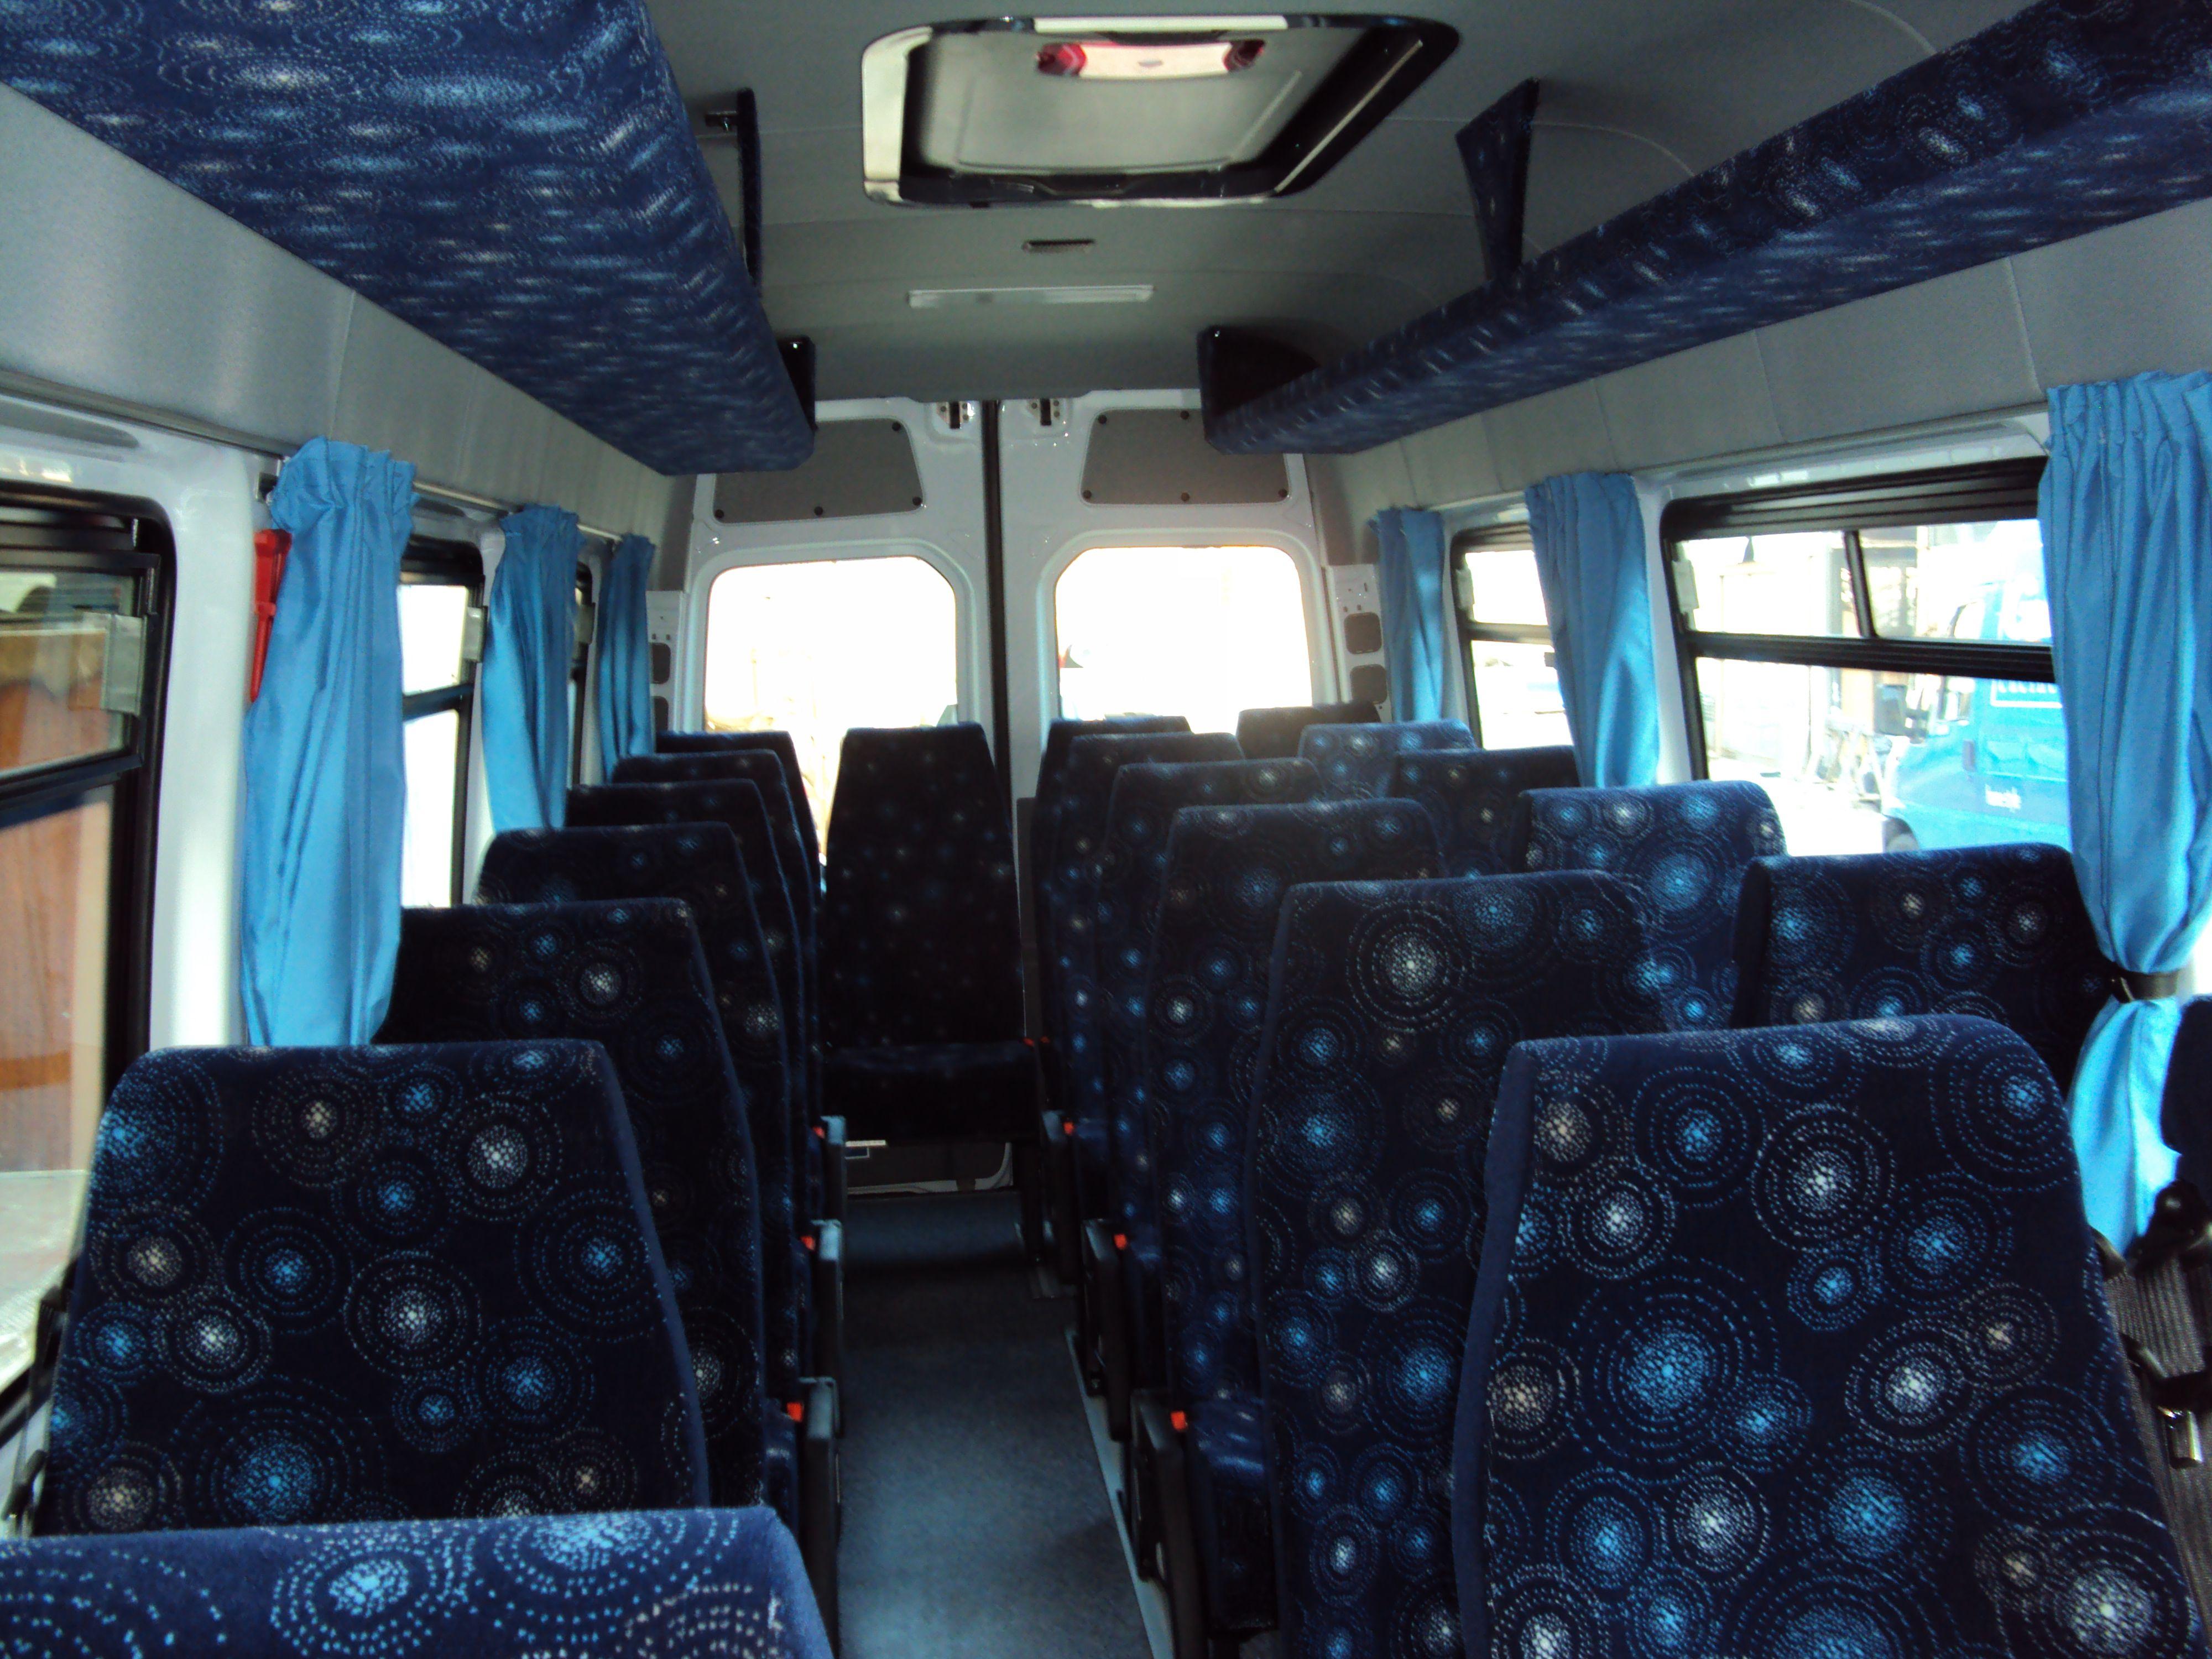 vista di un minibus dall'interno